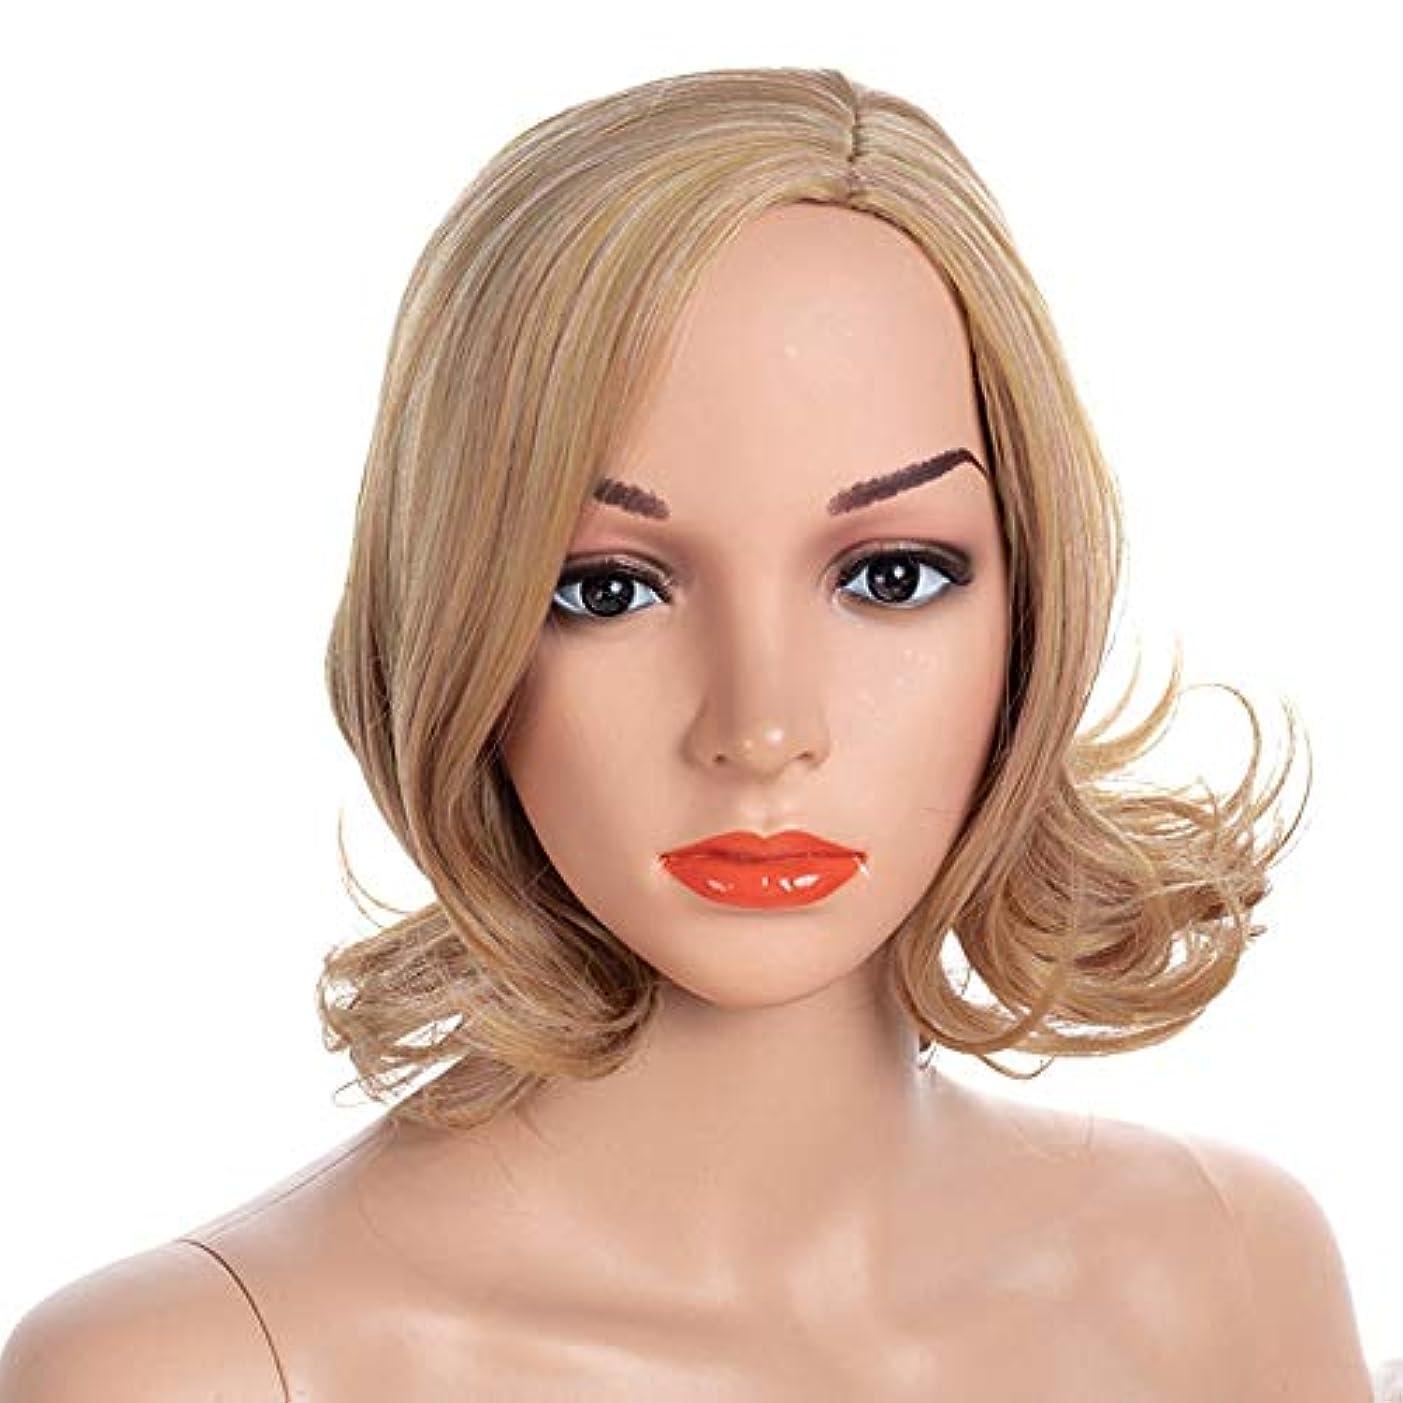 コーチ平和的ガイドWASAIO スタイルの交換のための女性の短いカーリーブロンドのかつらムッシービューティーCospalyパーティーアクセサリー (色 : Blonde, サイズ : 40cm)